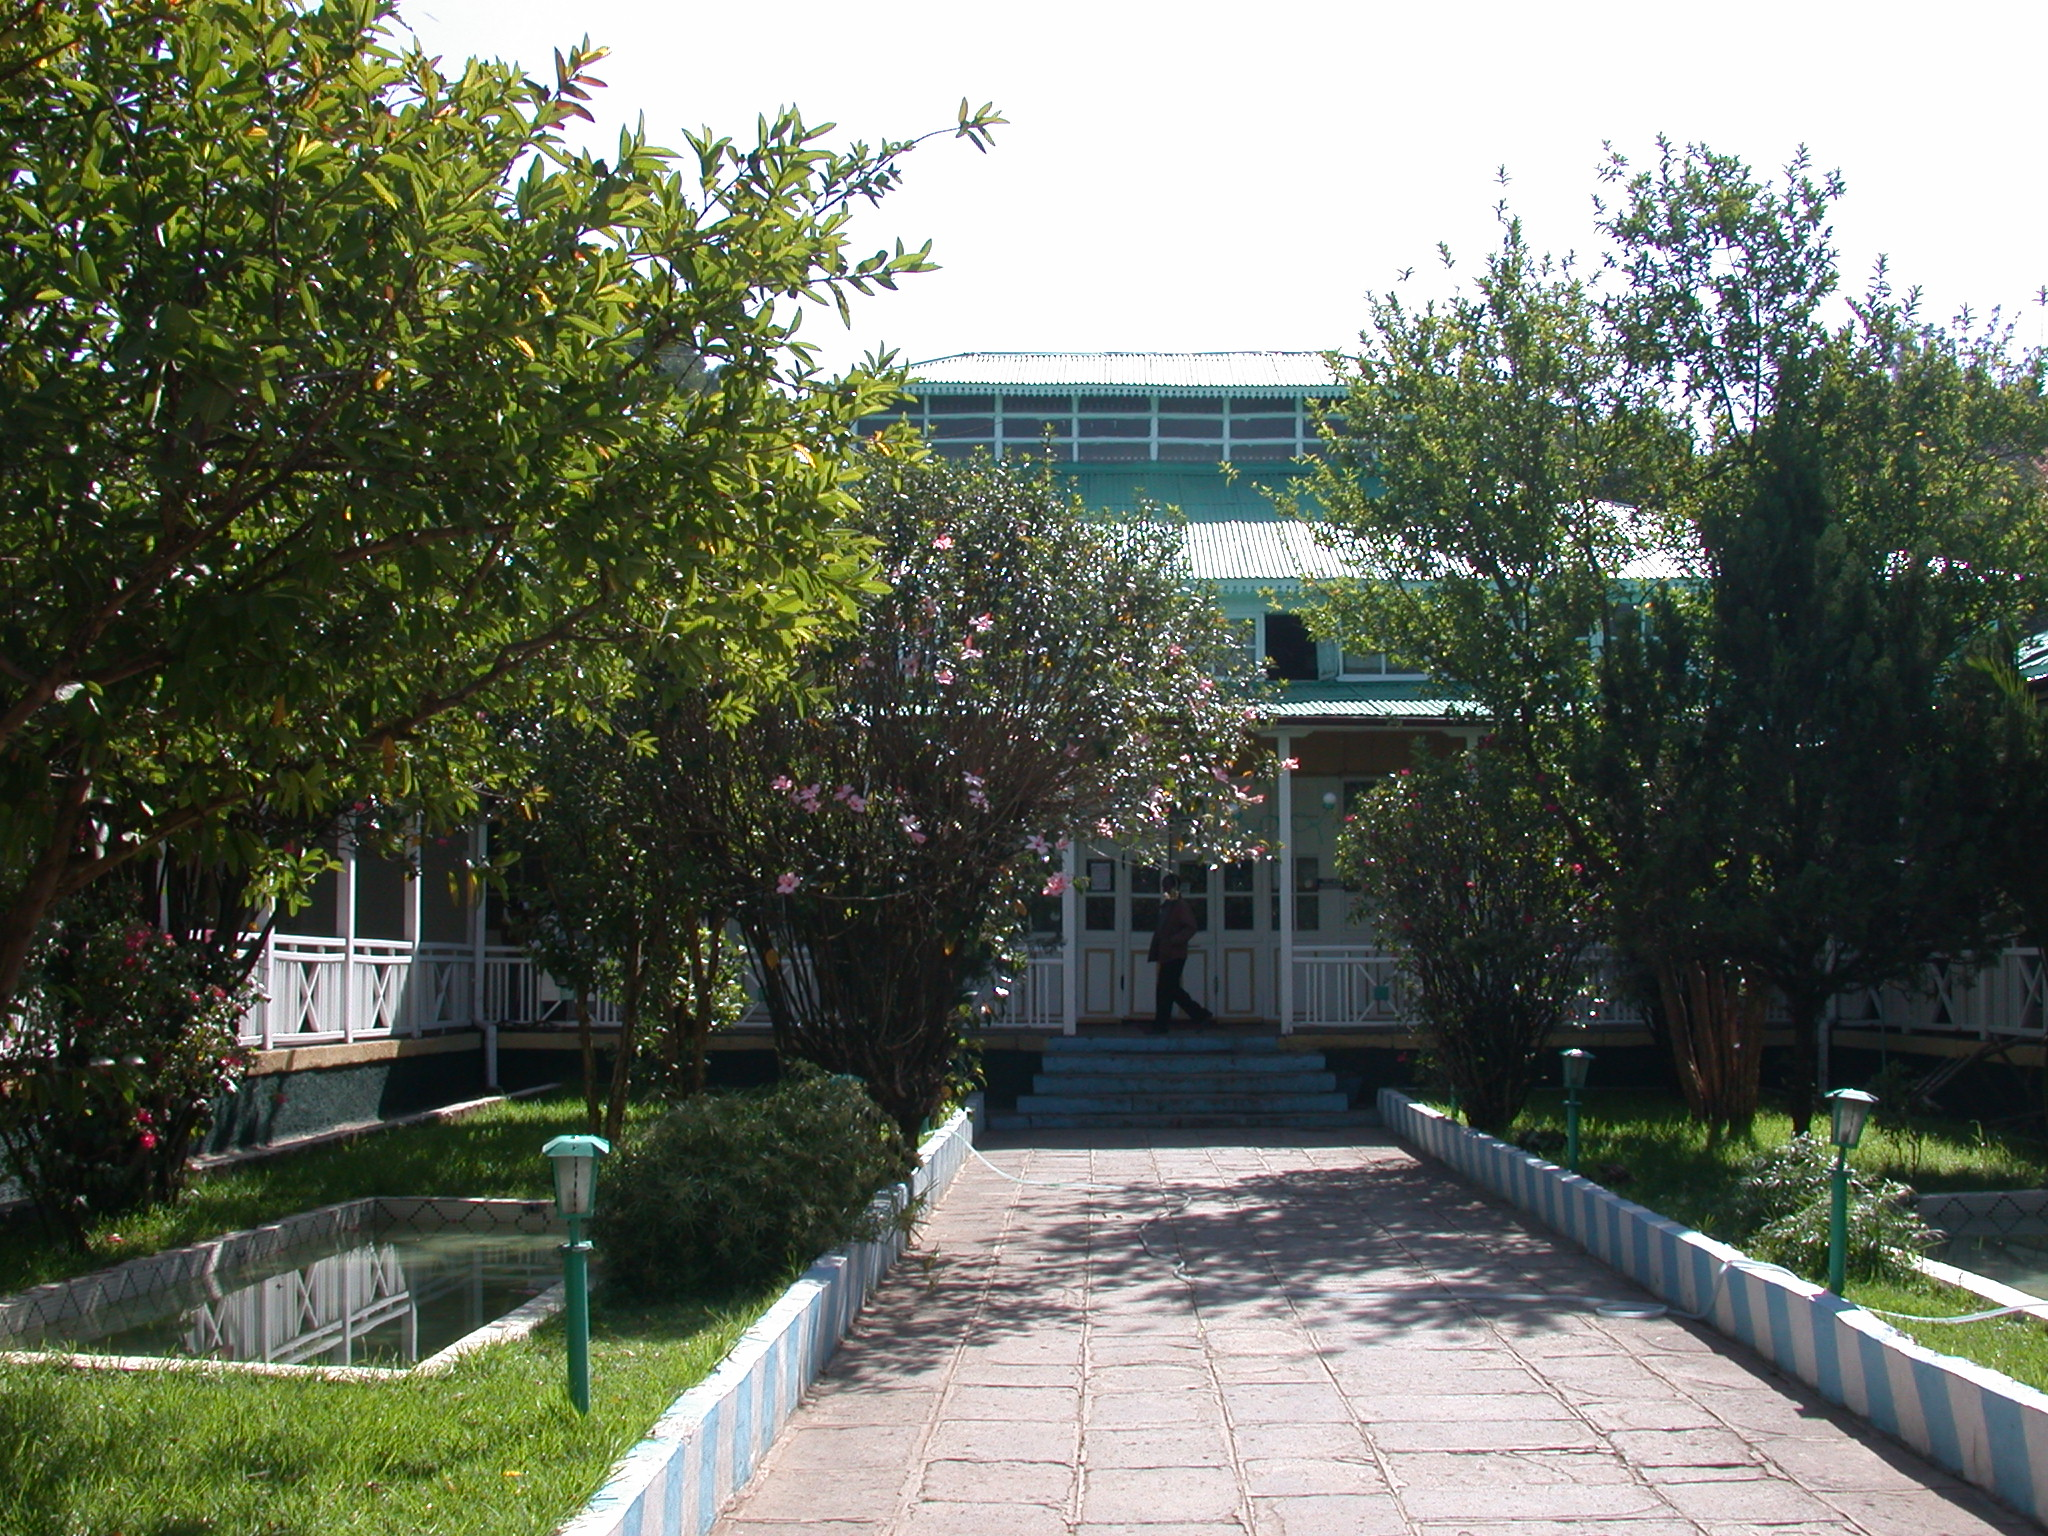 Courtyard of Finfine Hotel, Addis Ababa, Ethiopia